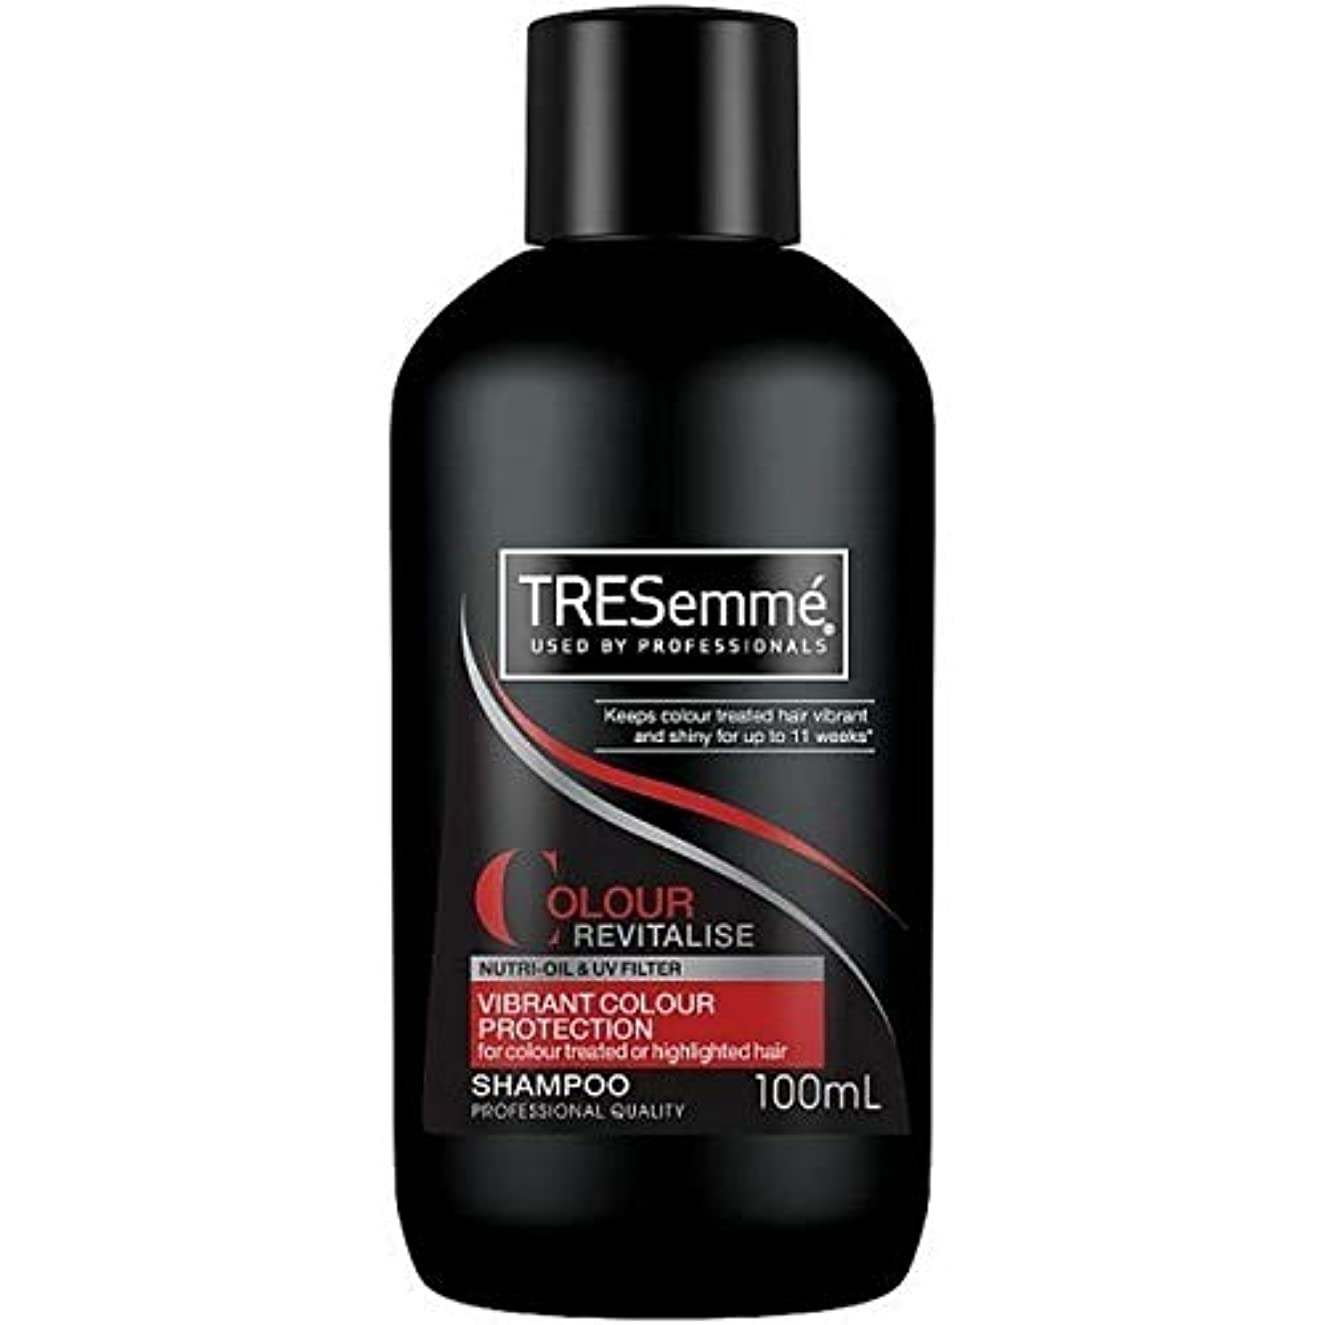 証明書ずっと咳[Tresemme] Tresemme色はカラーフェードシャンプー100ミリリットルを活性化 - TRESemme Colour Revitalise Colour Fade Shampoo 100ml [並行輸入品]